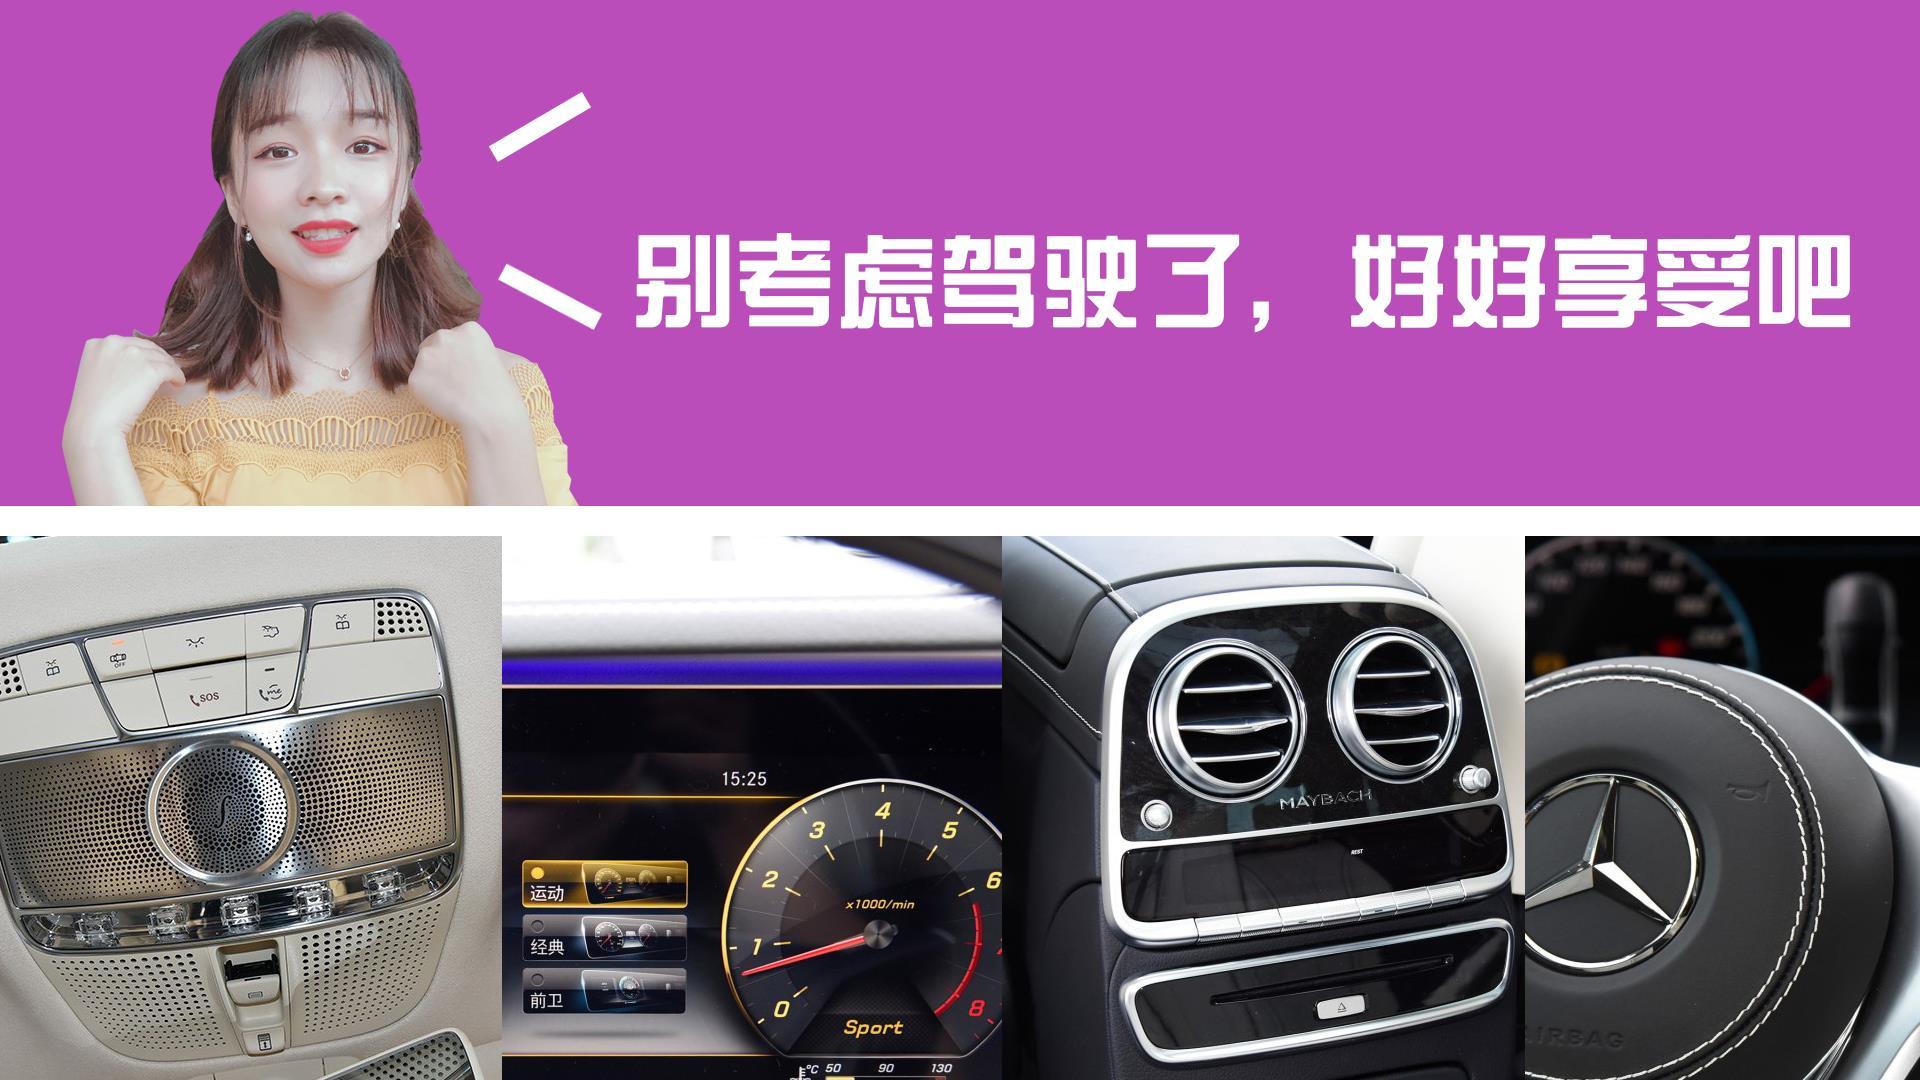 【60秒评新车】皮皮带你看2019款迈巴赫S级有趣配置